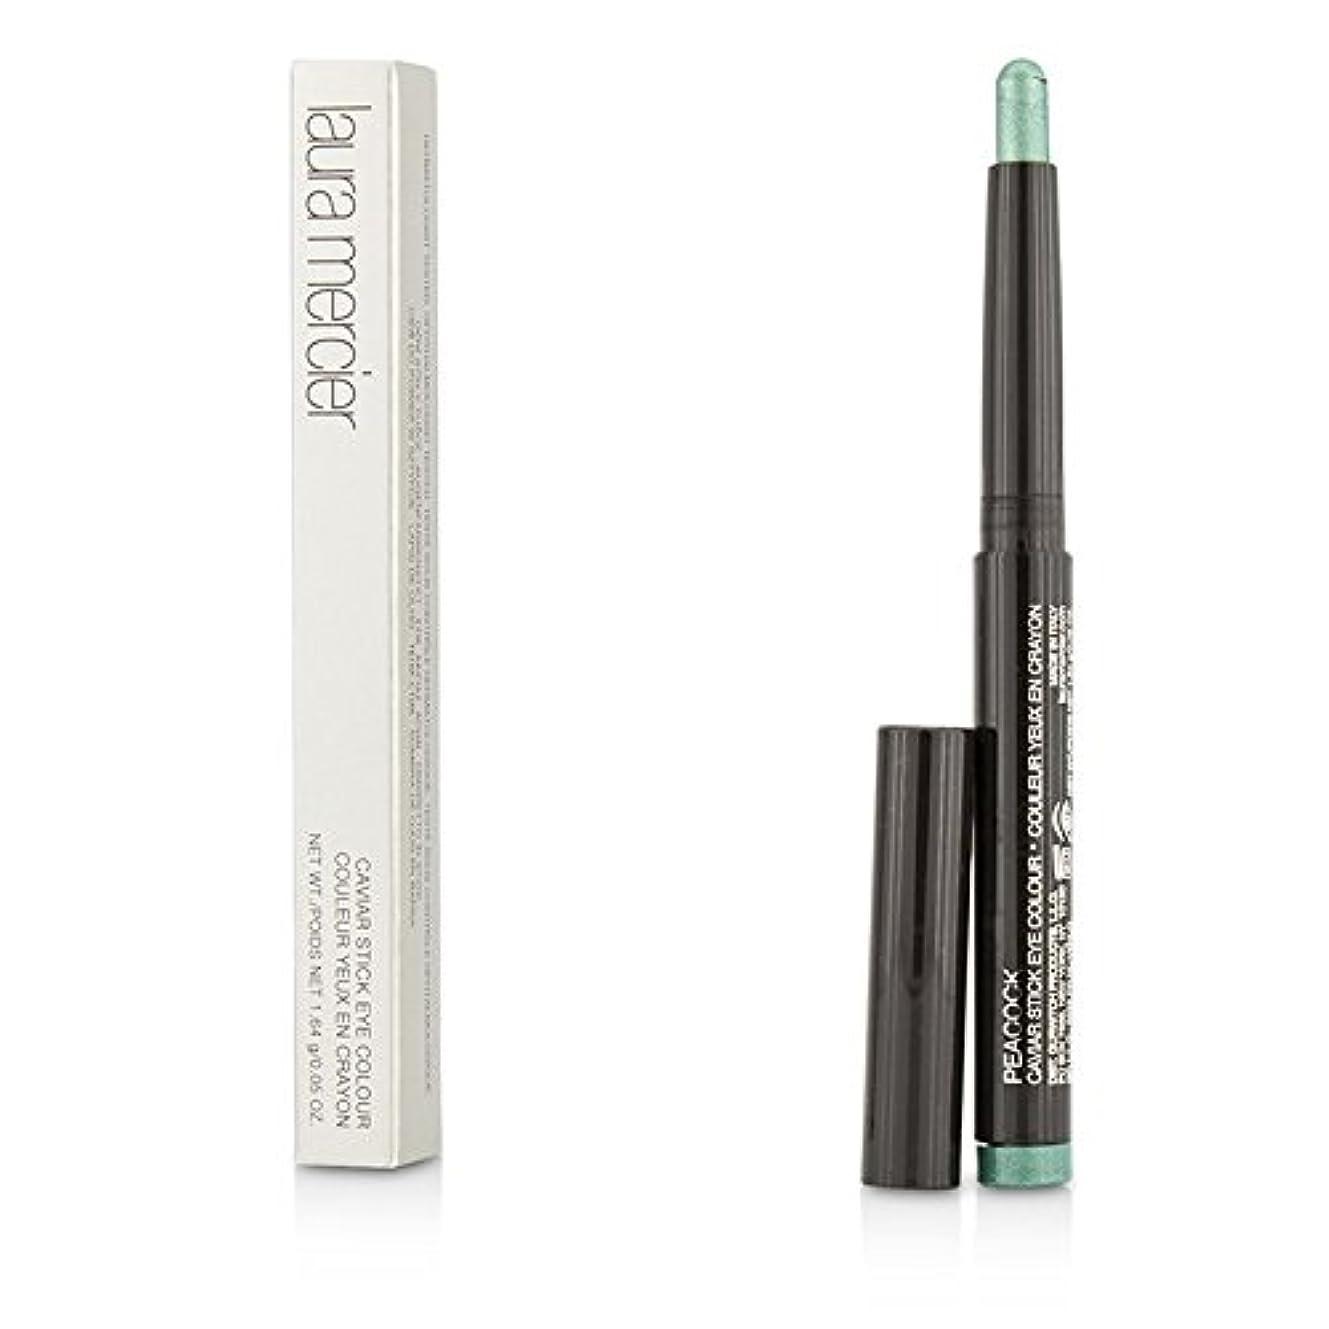 ビバ労働確認ローラメルシエ Caviar Stick Eye Color - # Peacock 1.64g/0.05oz並行輸入品